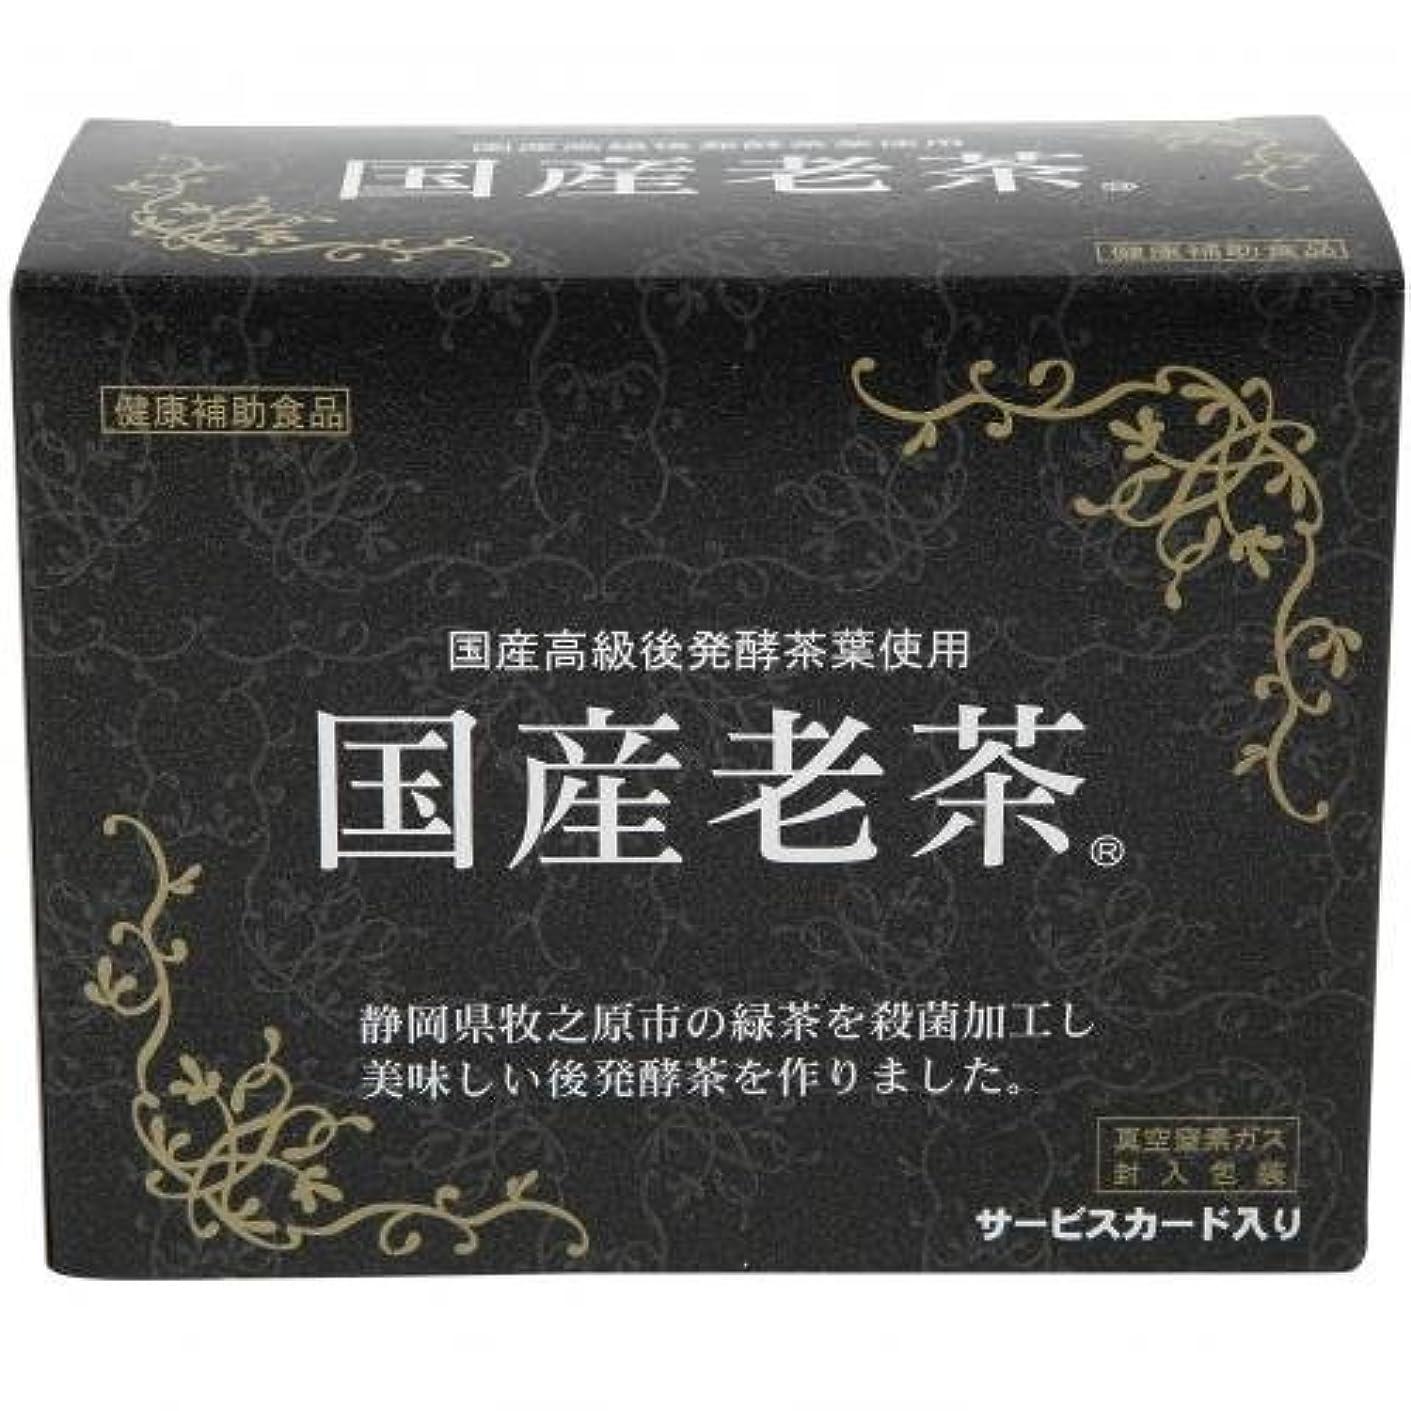 石灰岩ウィザードわずかな共栄 国産老茶 24包